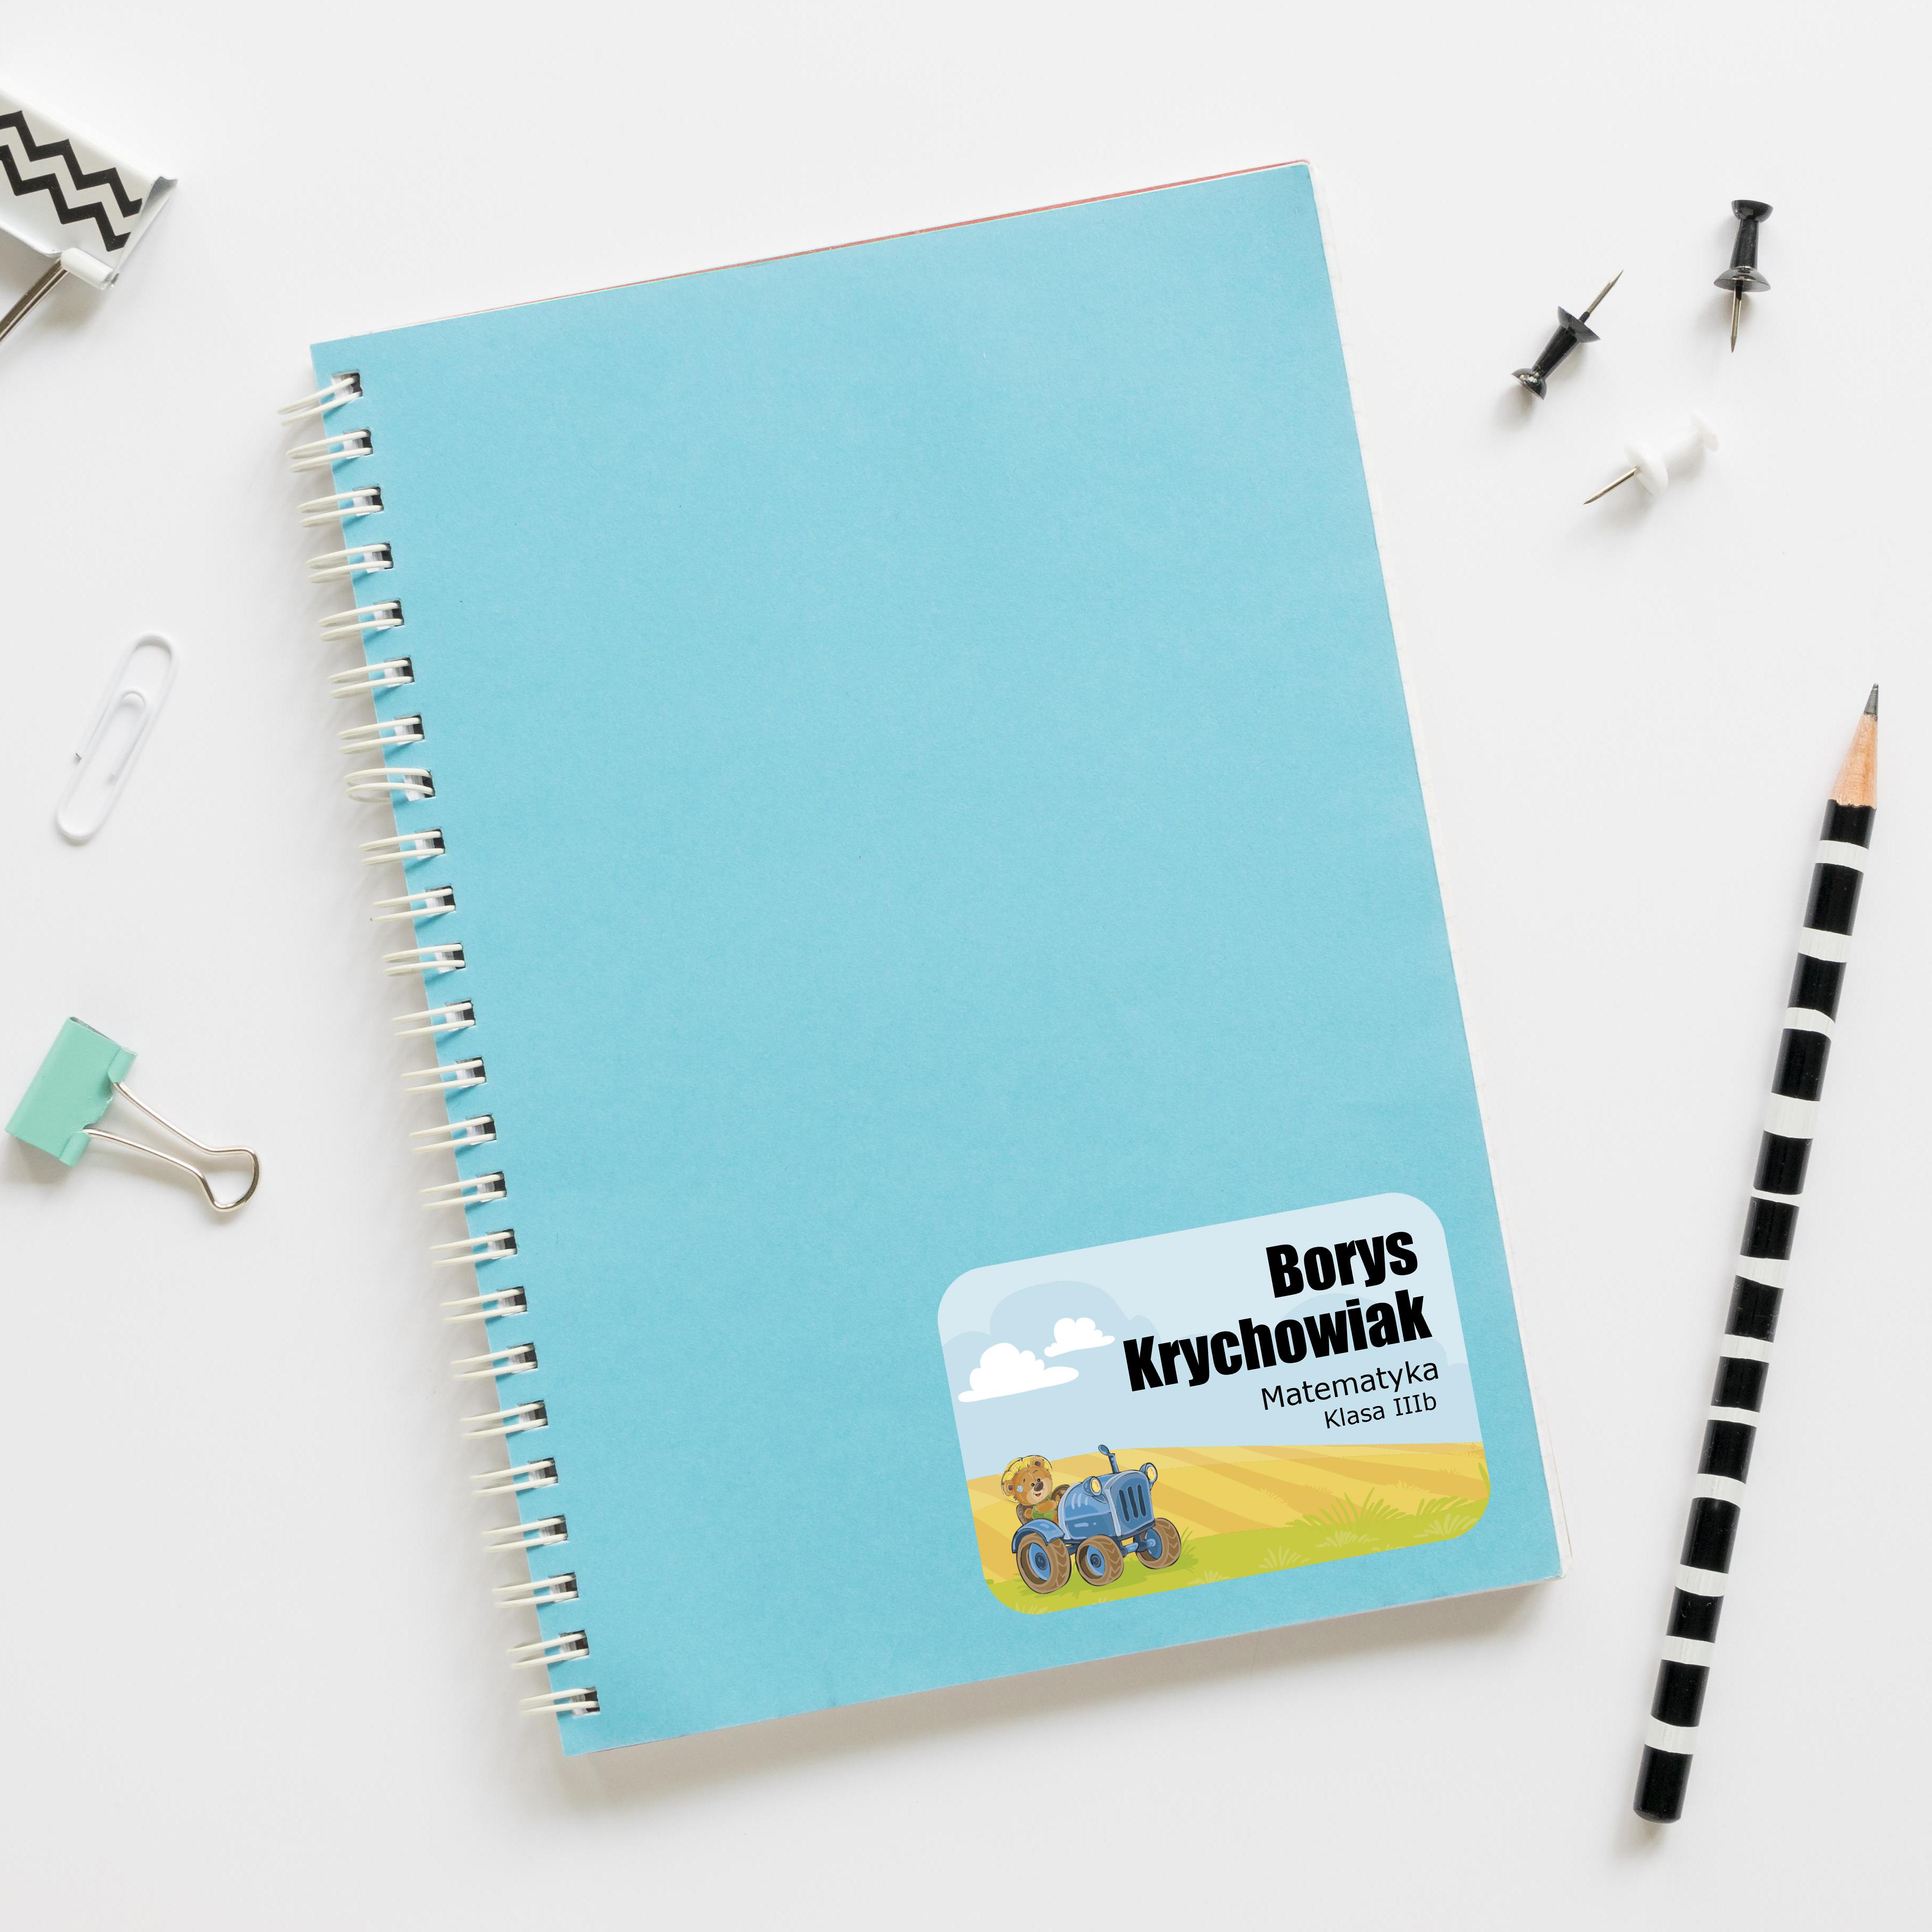 Naklejki na zeszyt książki podręczniki nalepki imienne etykiety personalizowane traktor